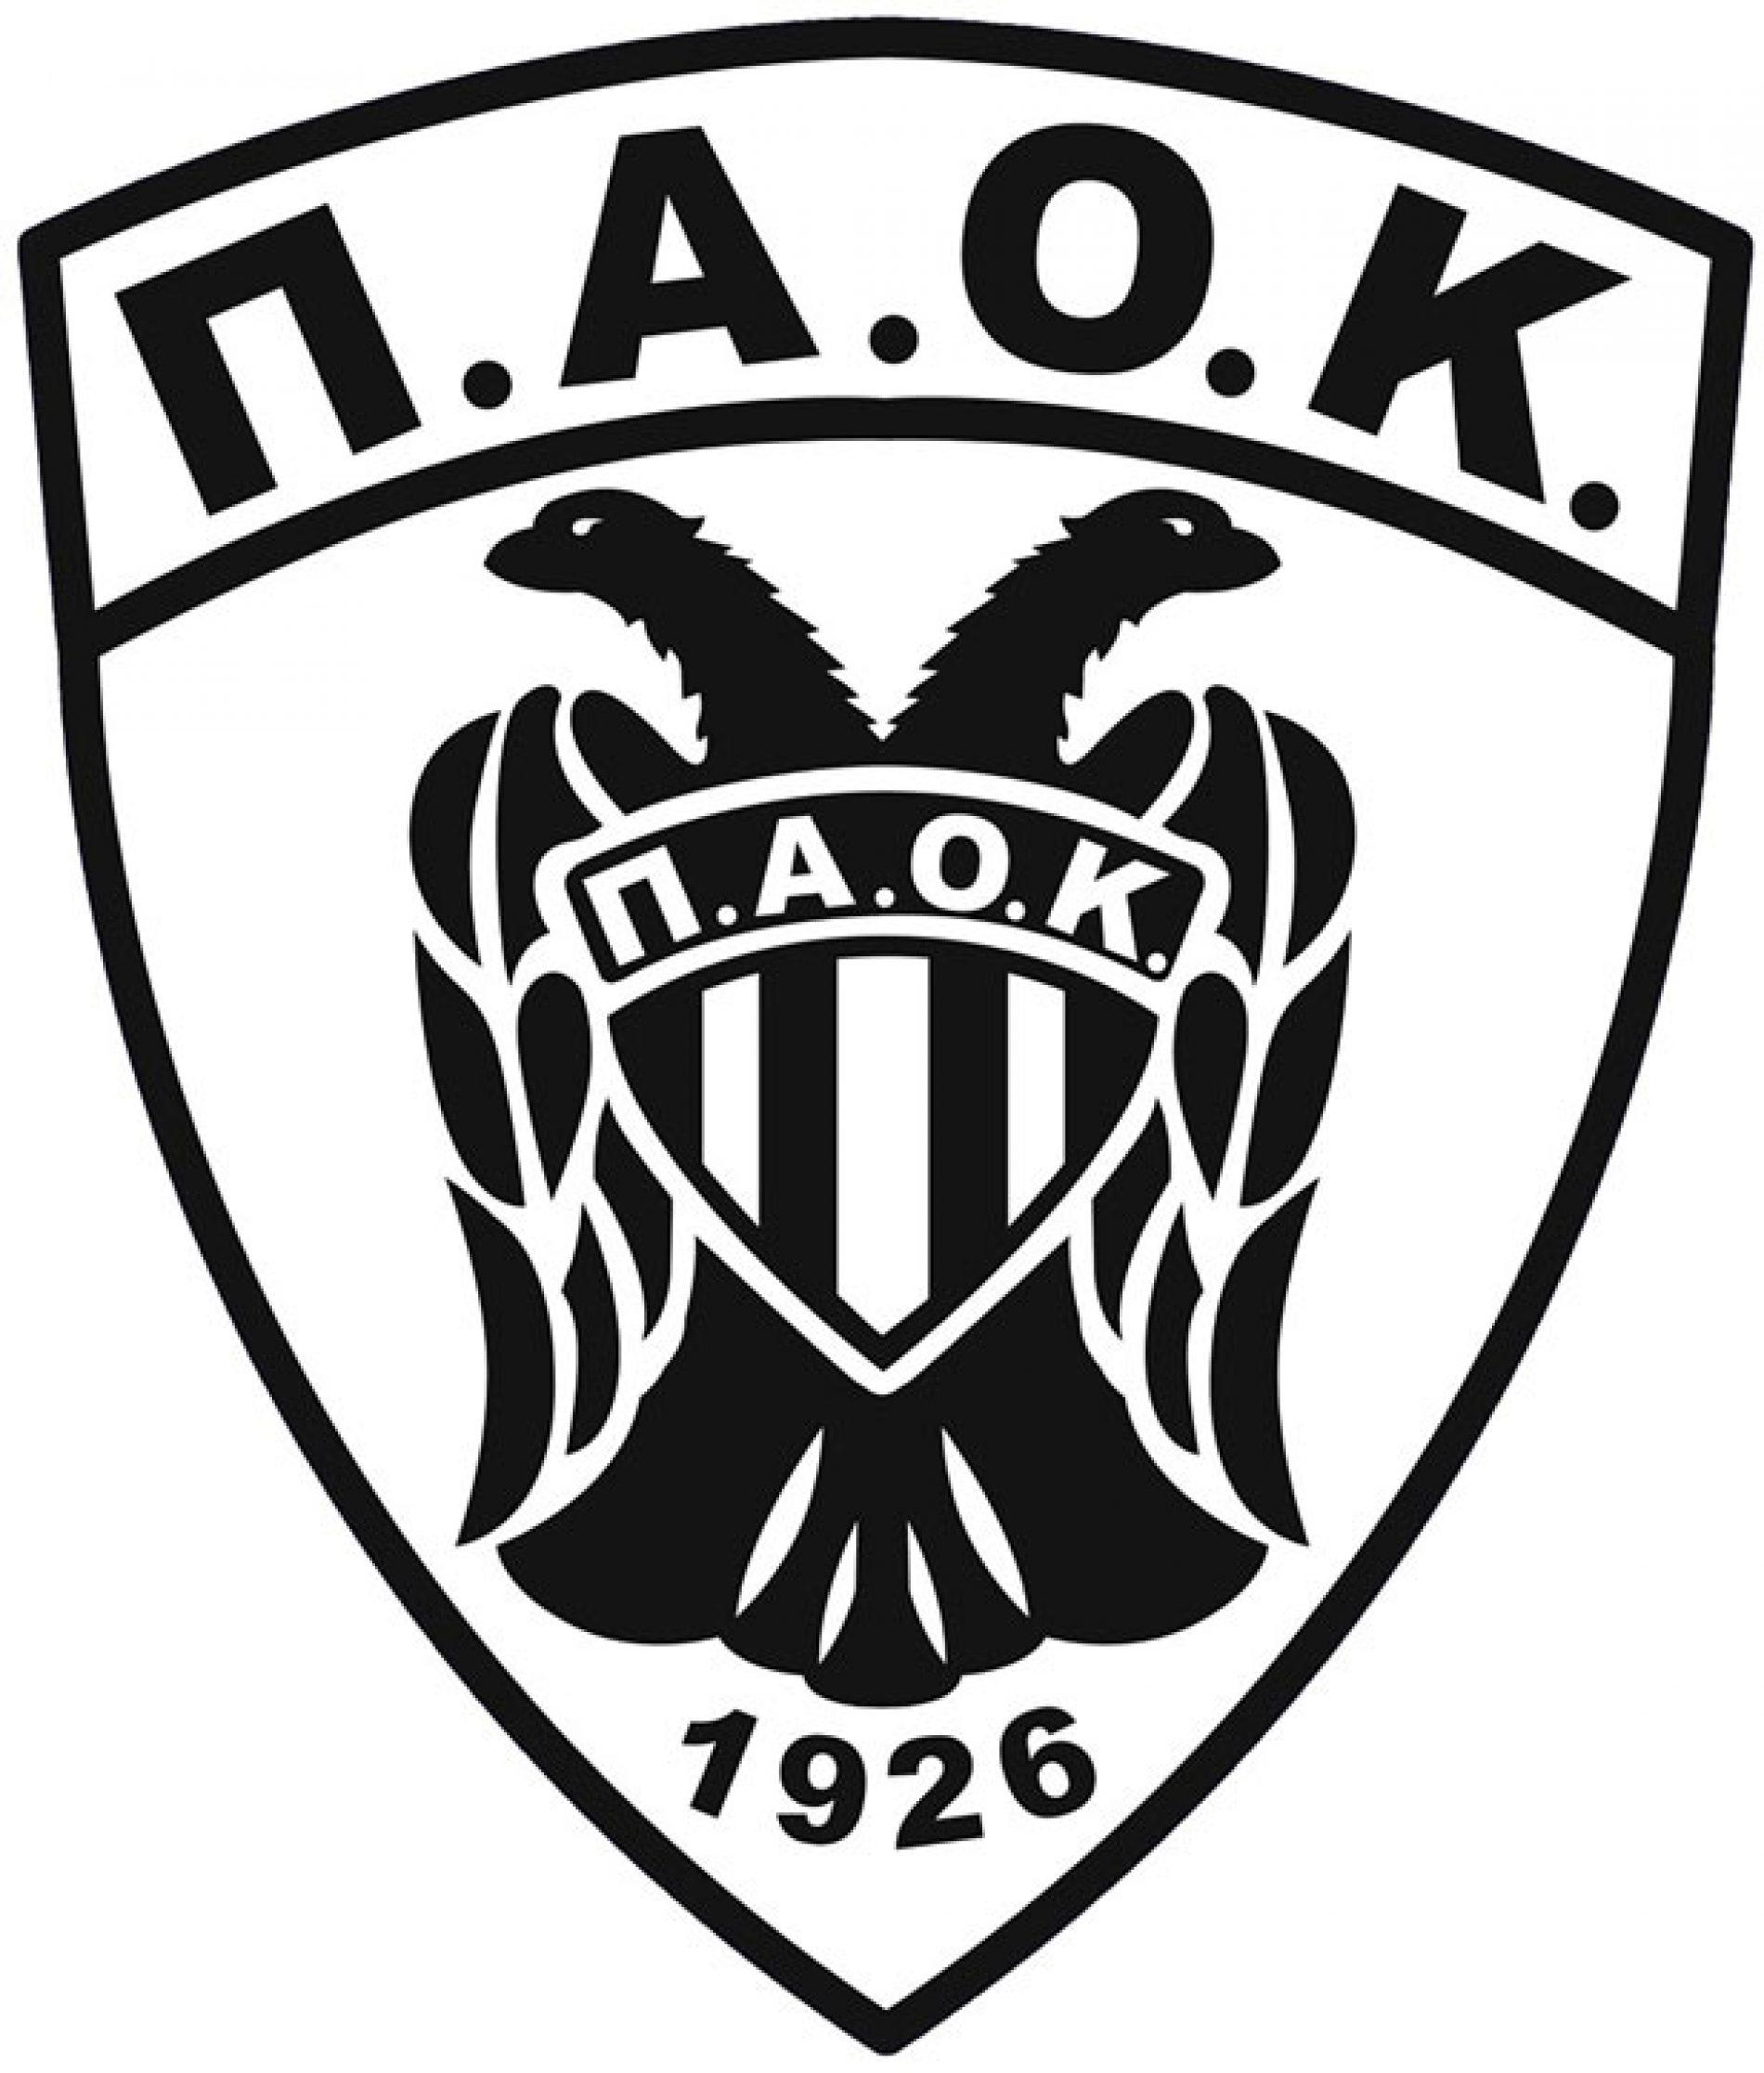 Follie greche: Savvidis, presidente Paok scende in campo con una pistola